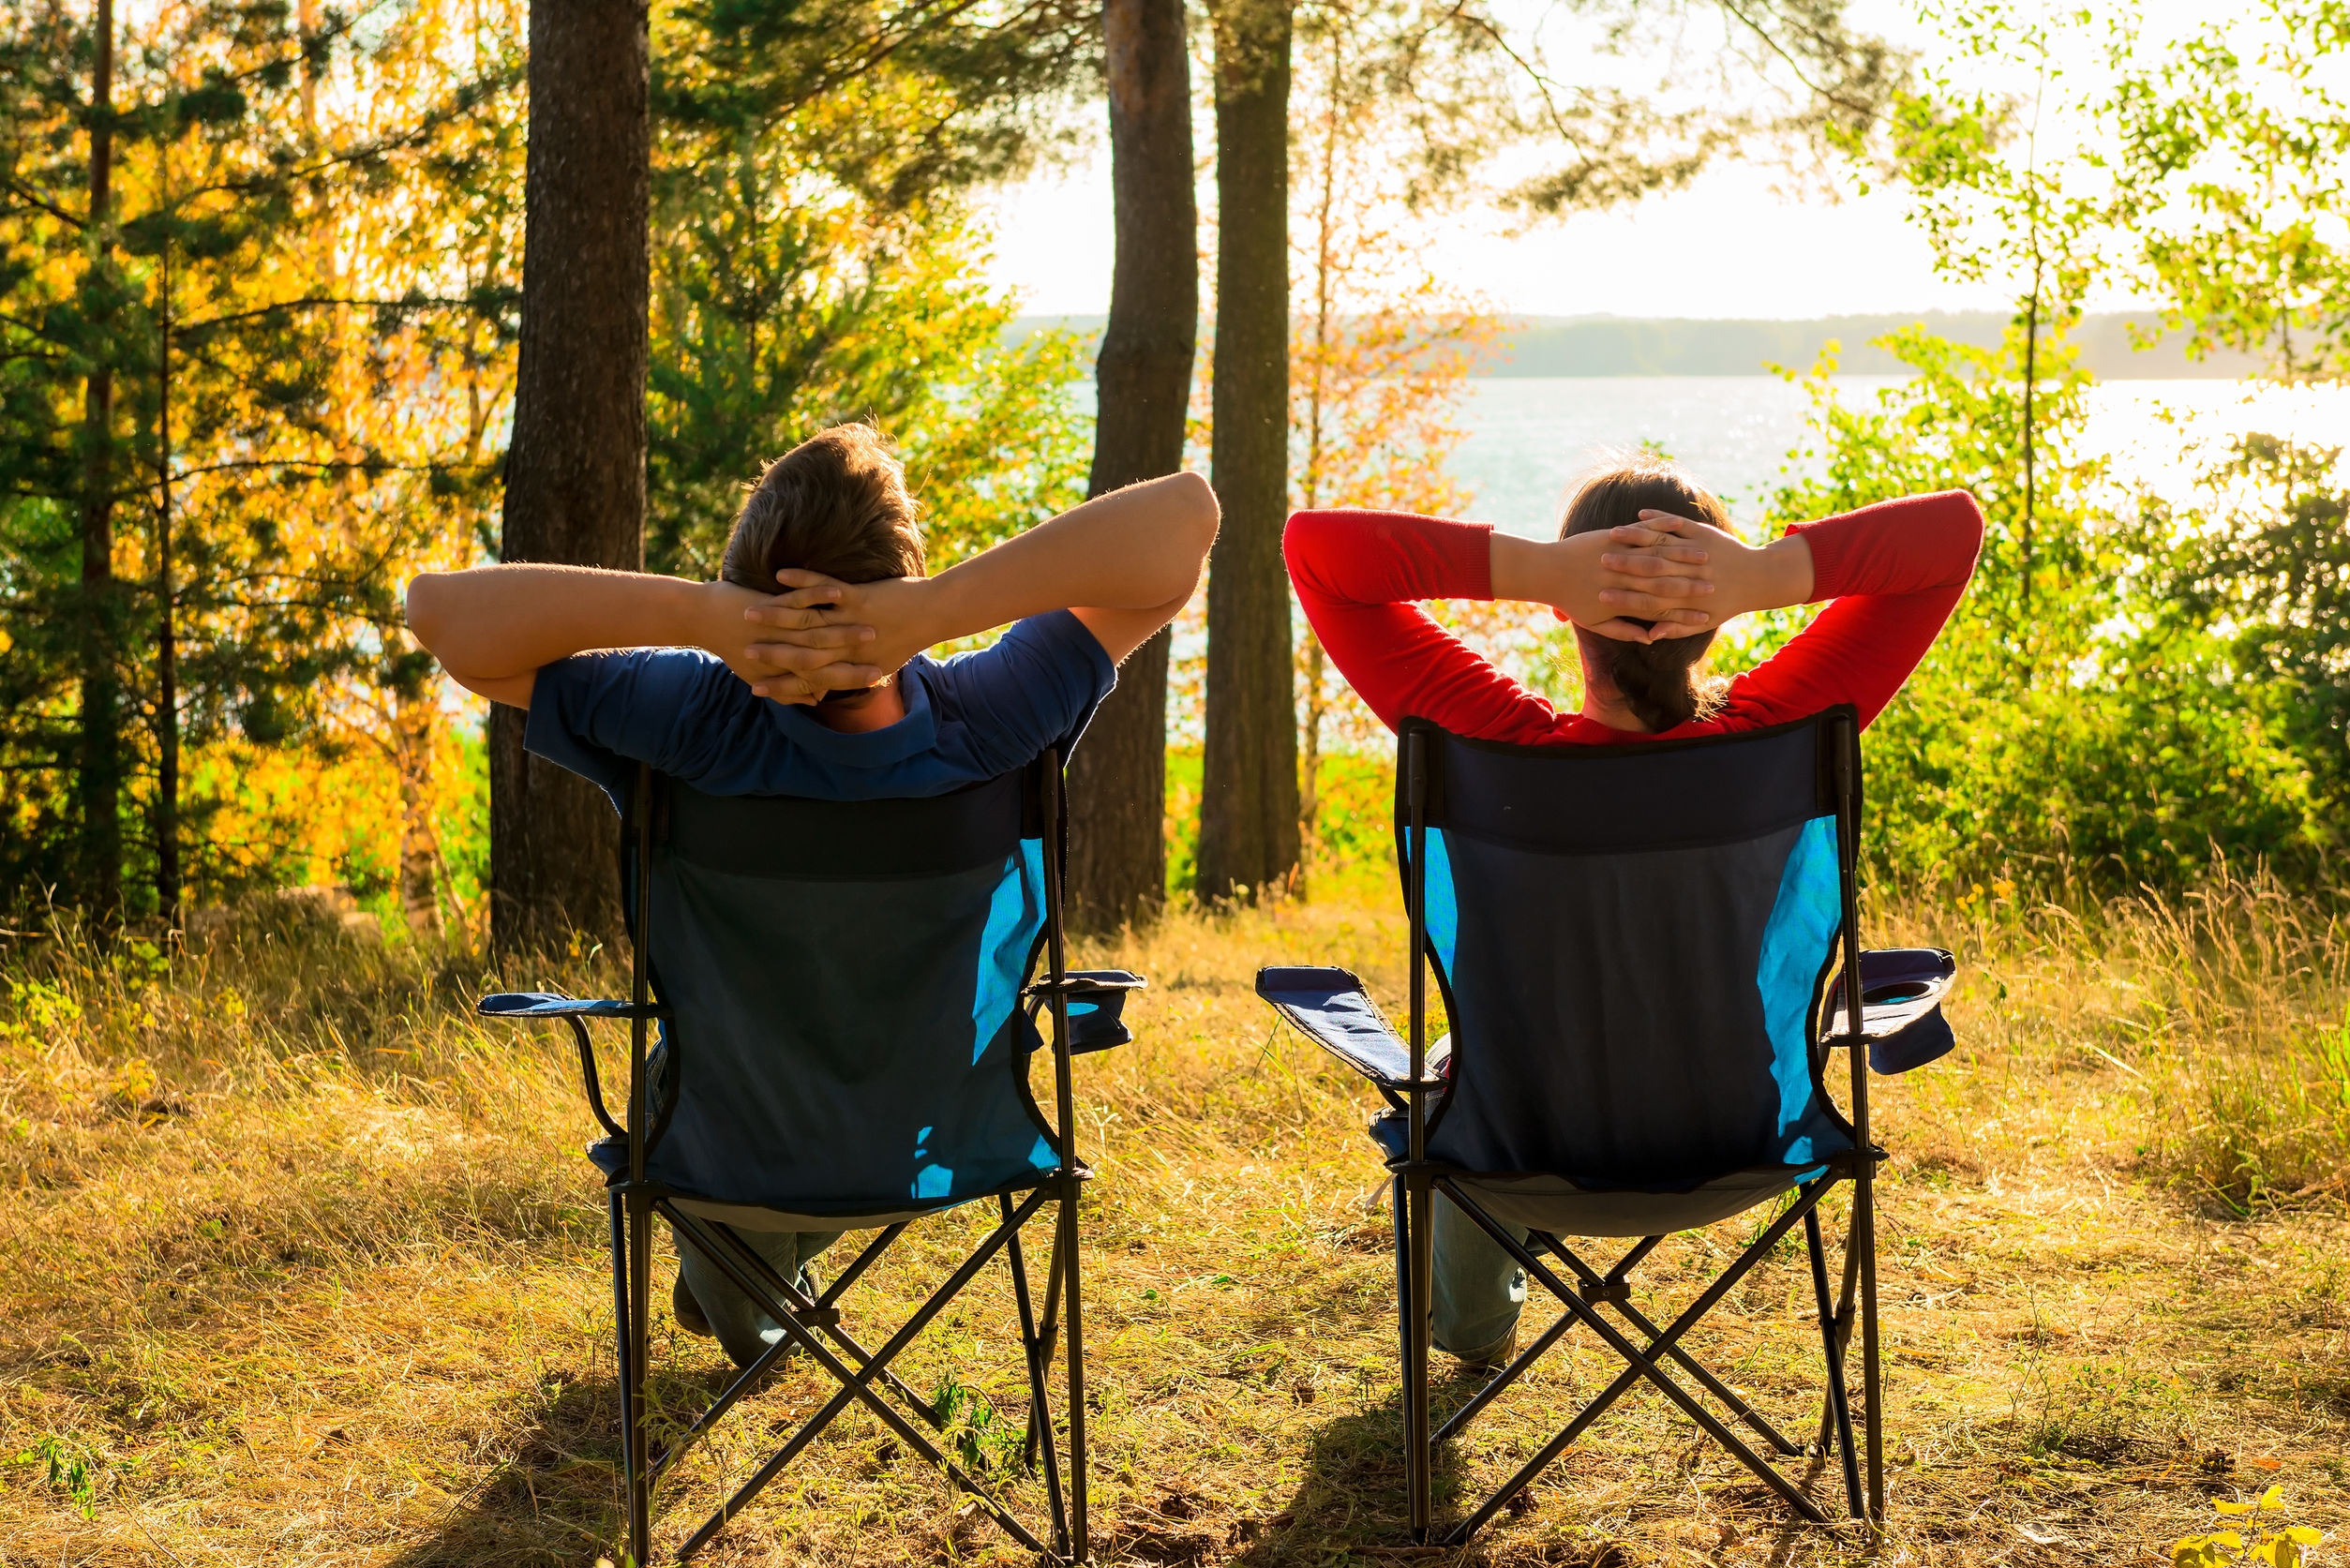 klappstuhl-camping-test